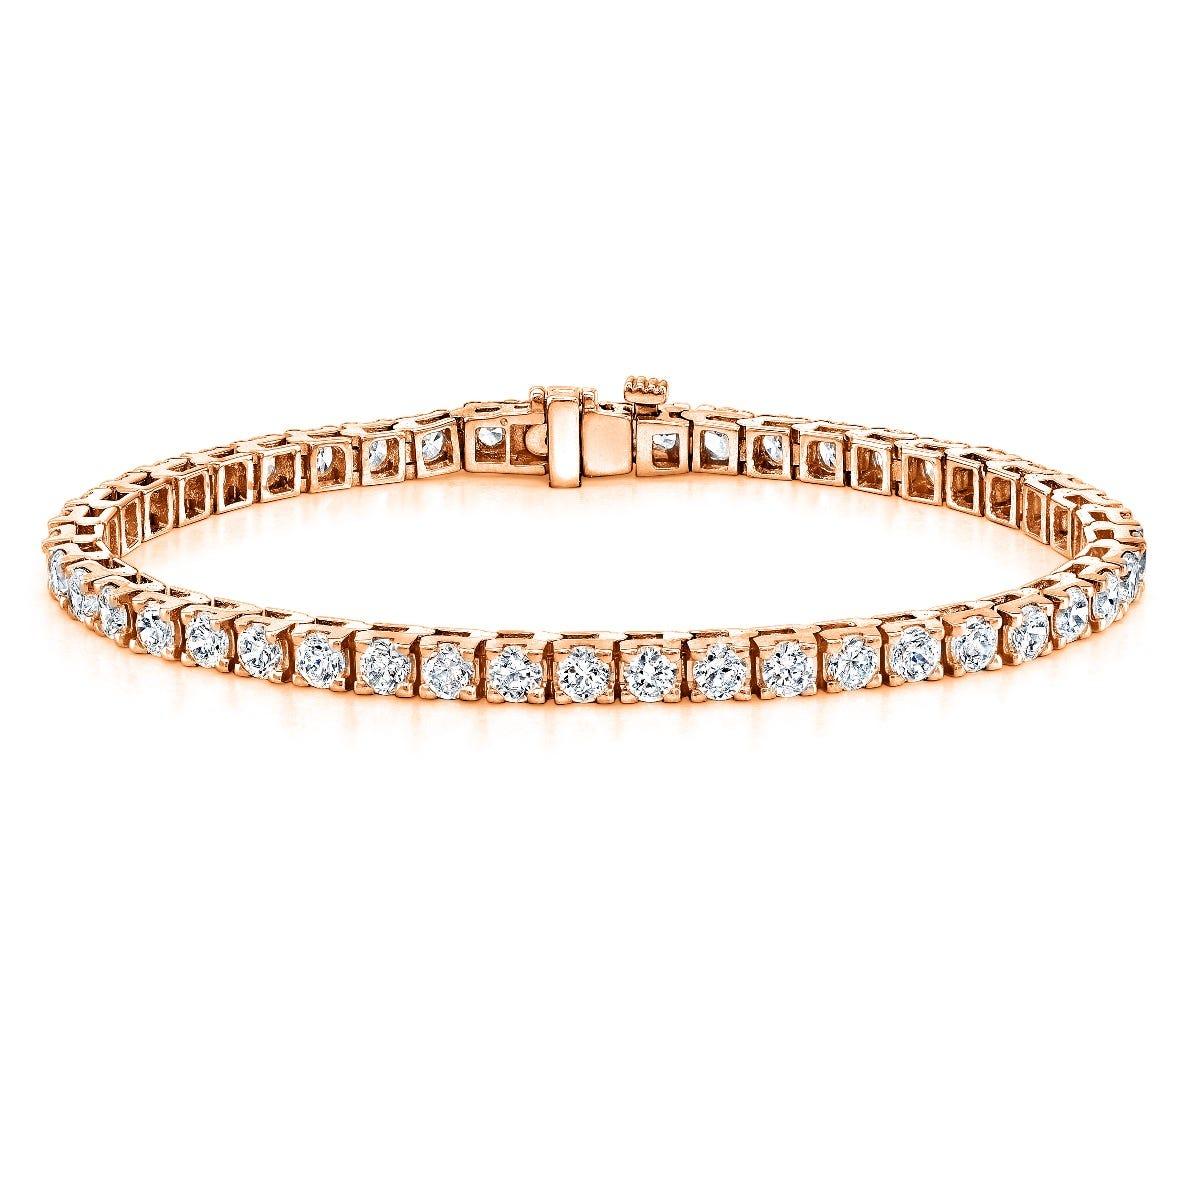 8ctw. 4-Prong Square Link Diamond Tennis Bracelet in 14K Rose Gold (HI, VS1-VS2, 38-Stone)